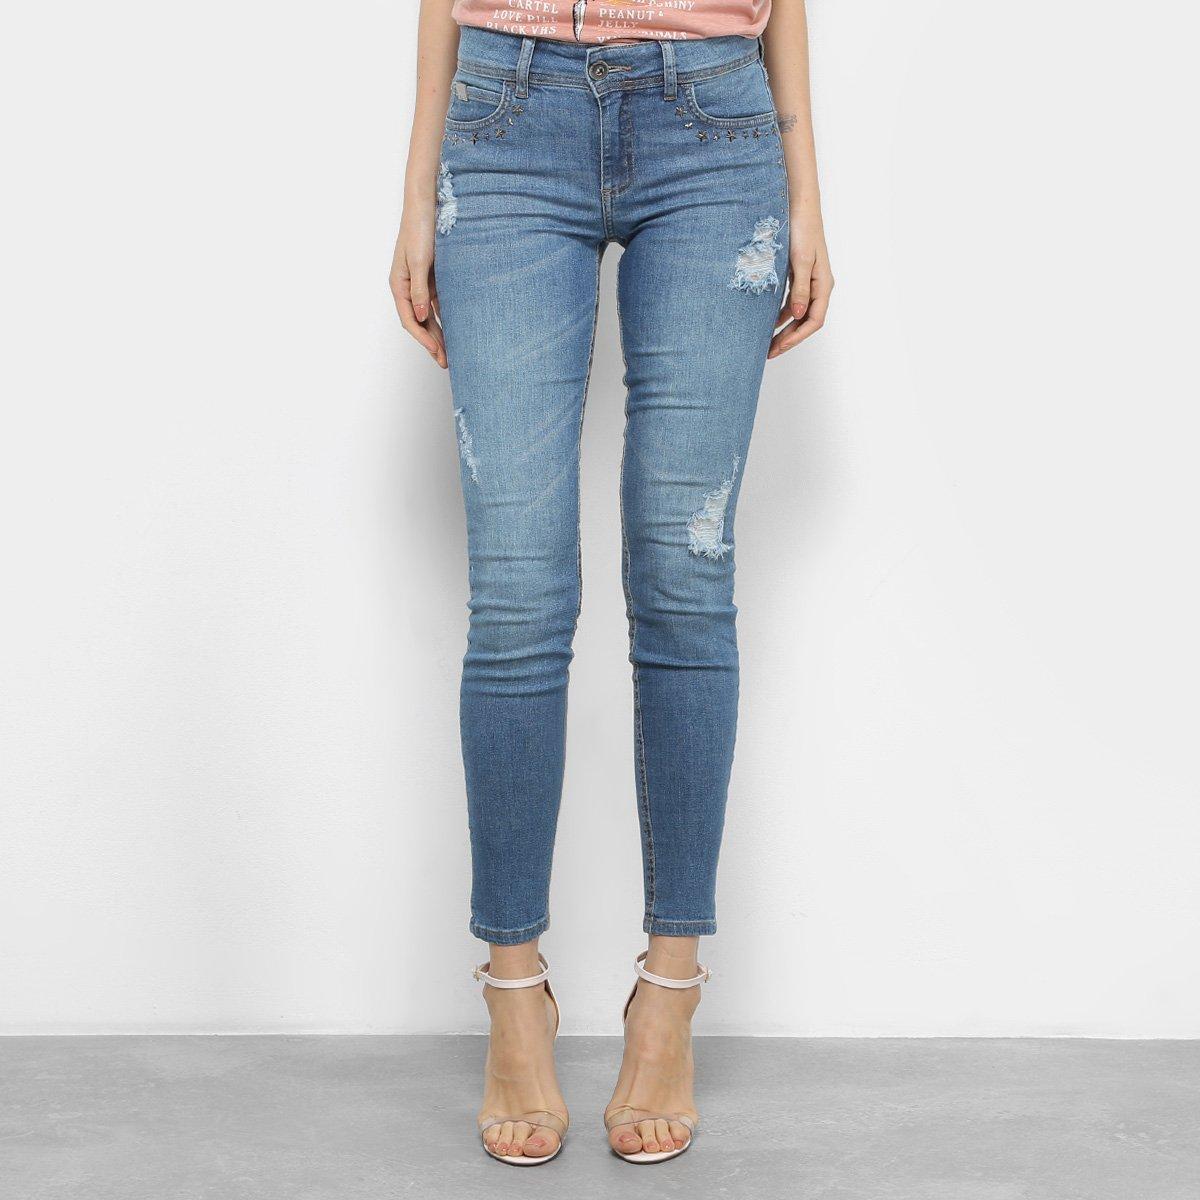 636c71cce Calça Jeans Skinny Colcci Fátima Aplicação Cintura Média Feminina